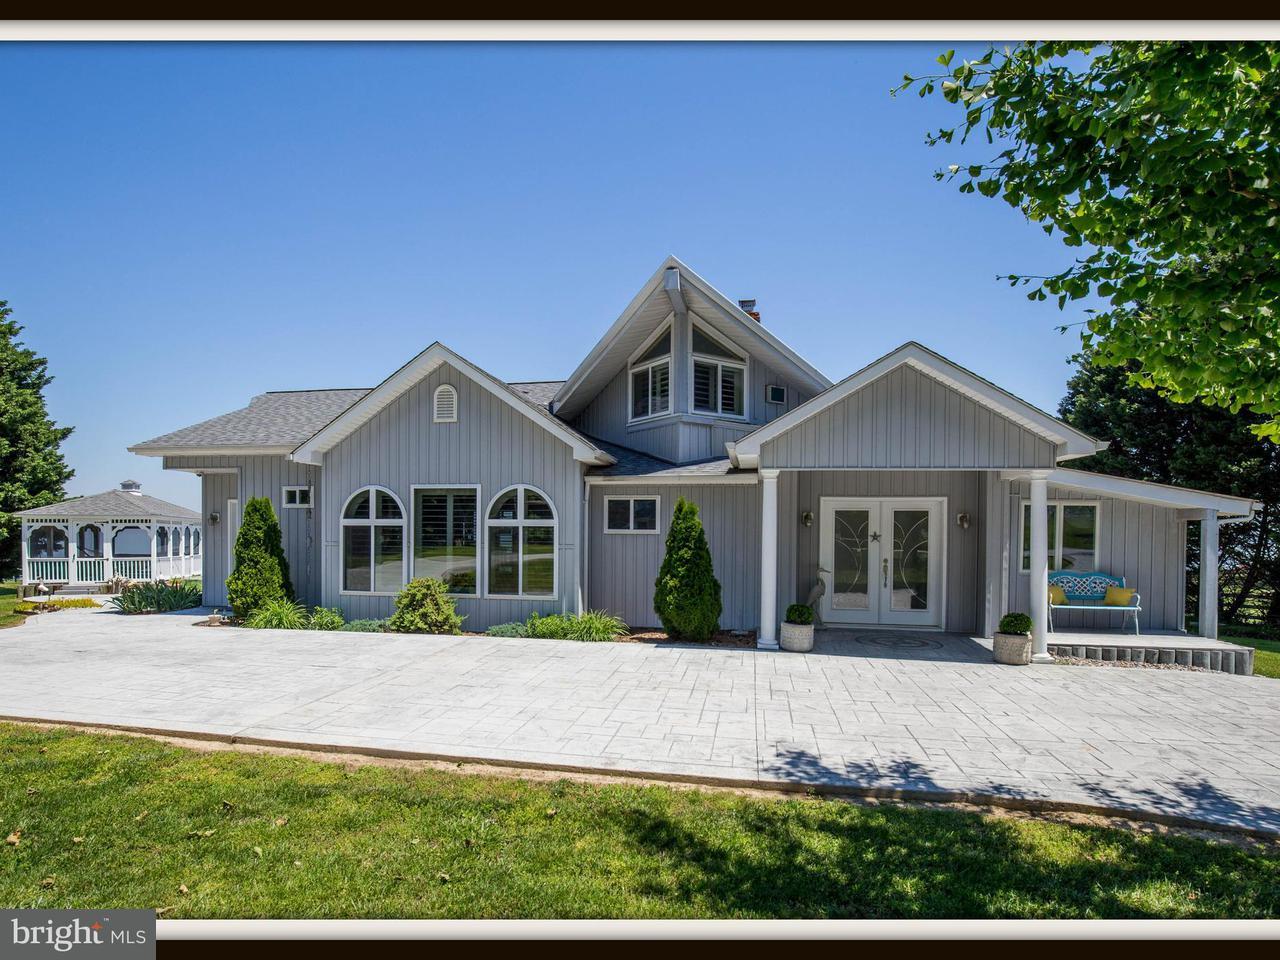 Частный односемейный дом для того Продажа на 461 MARLBOROUGH POINT Road 461 MARLBOROUGH POINT Road Stafford, Виргиния 22554 Соединенные Штаты